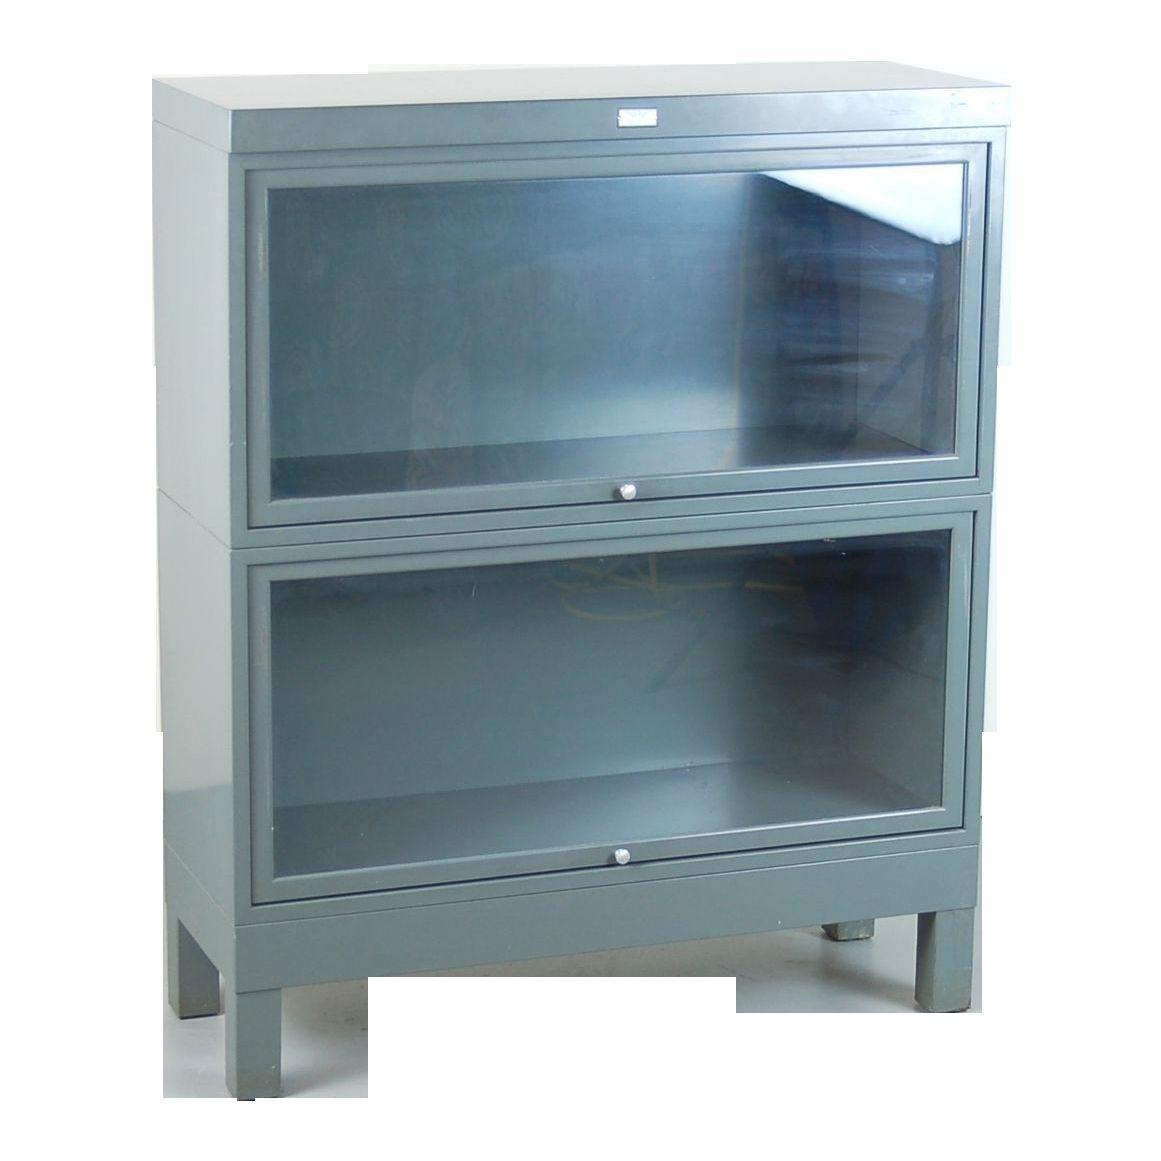 Vintage Metal Cabinet With Glass Doors Bookcase With Glass Doors Vintage Industrial Furniture Retractable Glass Doors